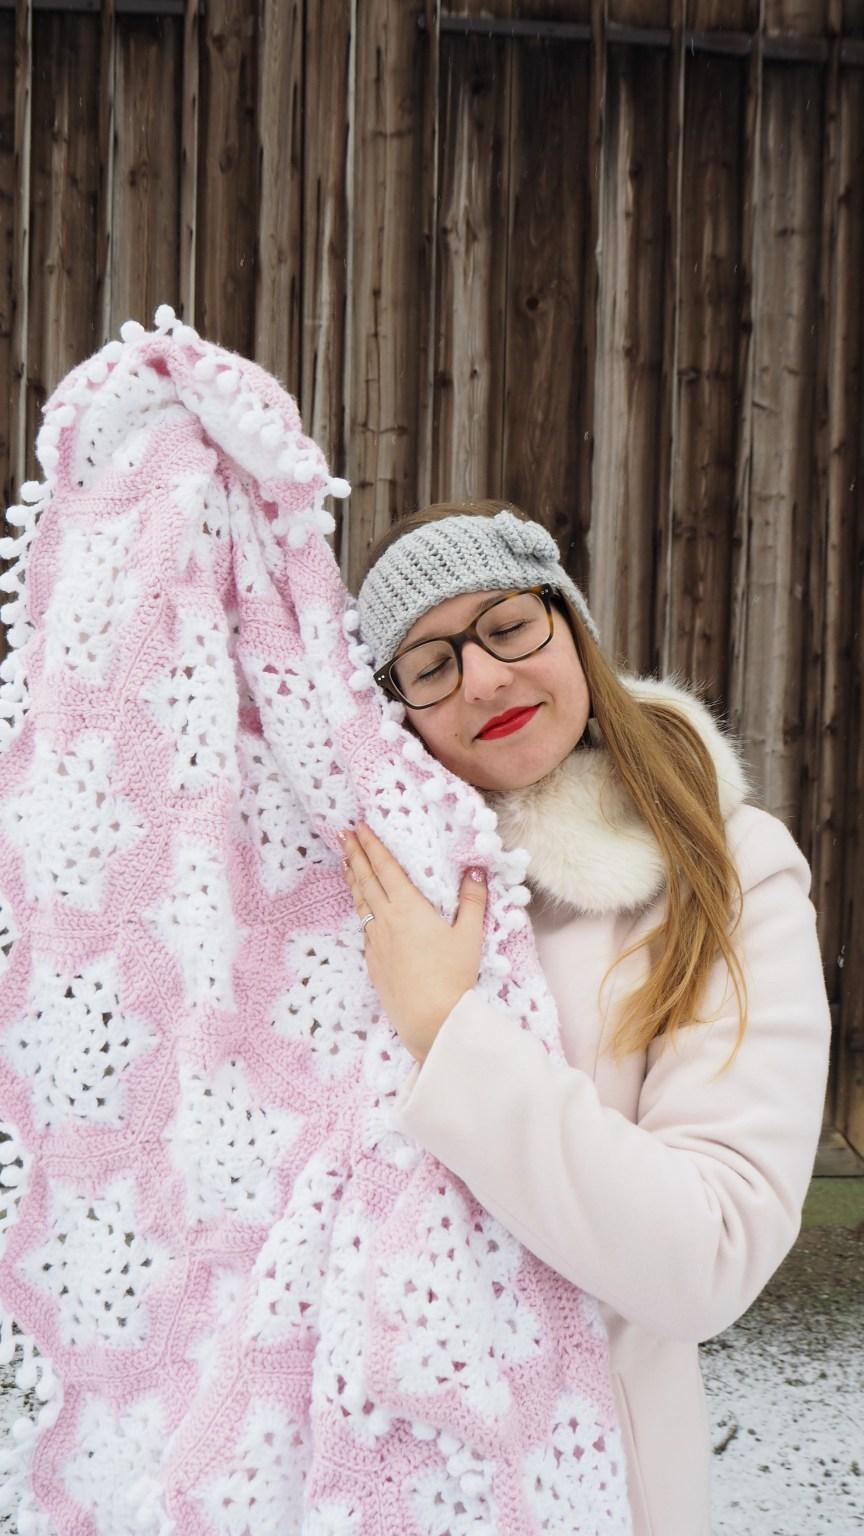 Schneeflöckchendecke, Häkeldecke, Rose, weiß, Decke, Häkeln, Grannys, Schnee, Schneeflöckchen